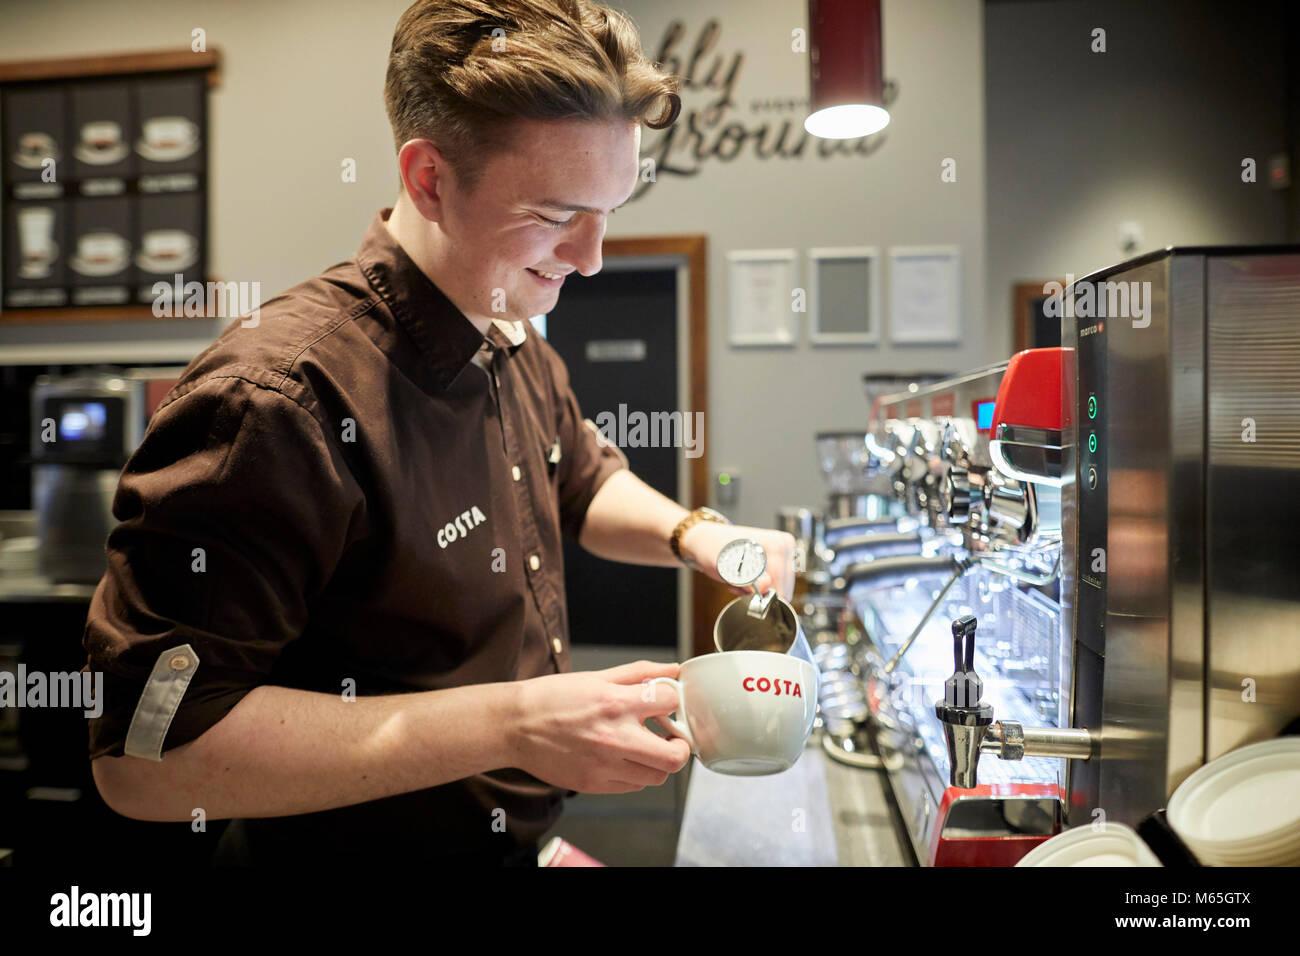 Café Costa travailleur dans store Photo Stock